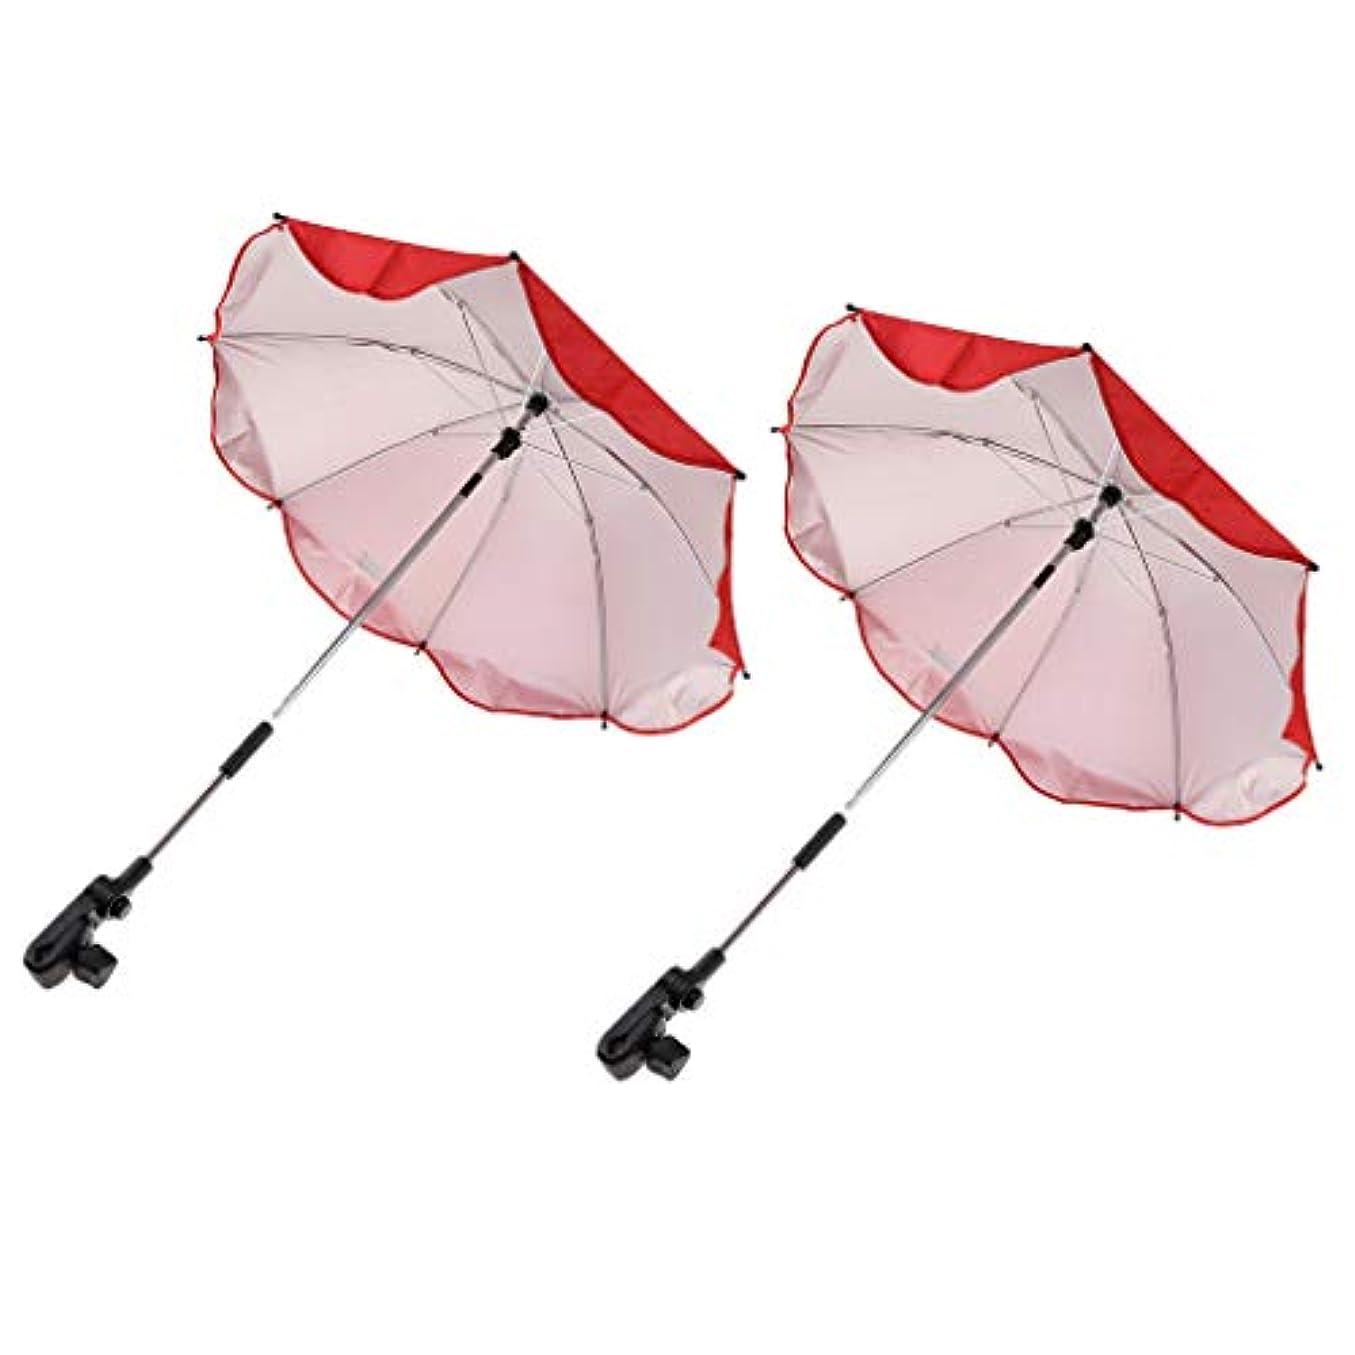 憲法列車子音CUTICATE 2個セット サンシェード傘 椅子用傘 チェア 用 パラソル 固定可能 折り畳む 屋外傘 日よけ ビーチ